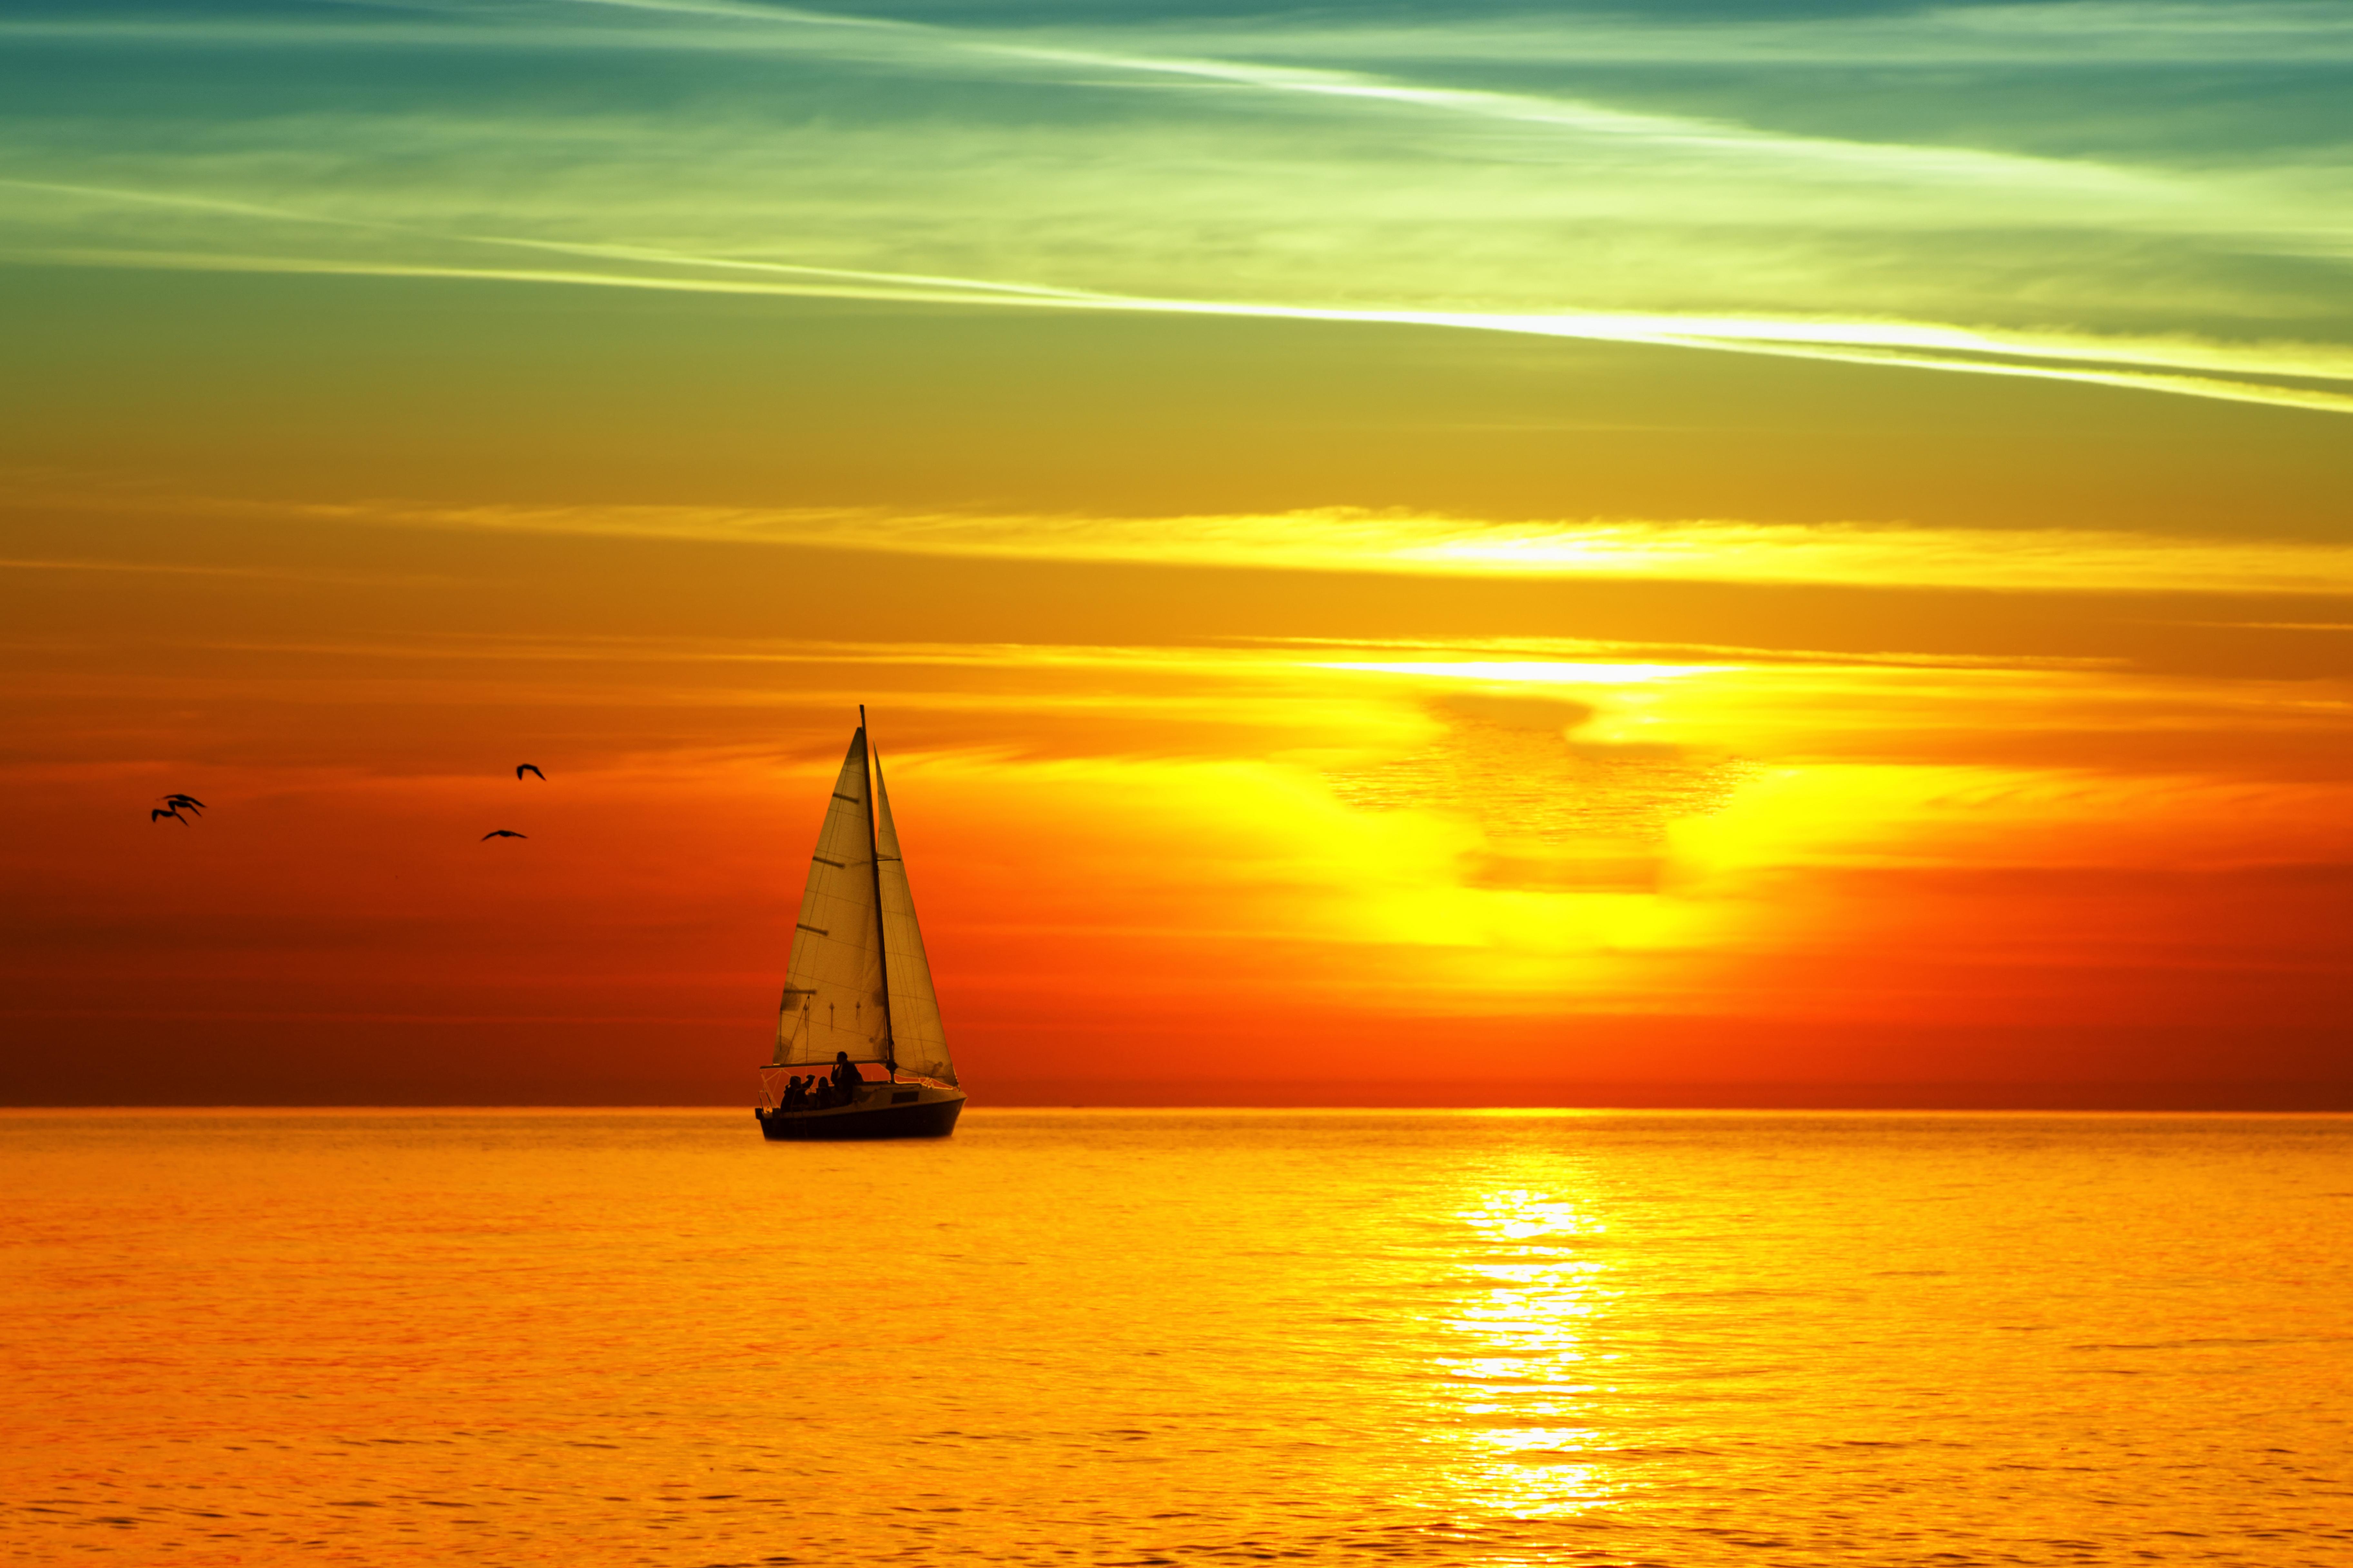 Картинка с морем и солнцем, добрым утром девушке